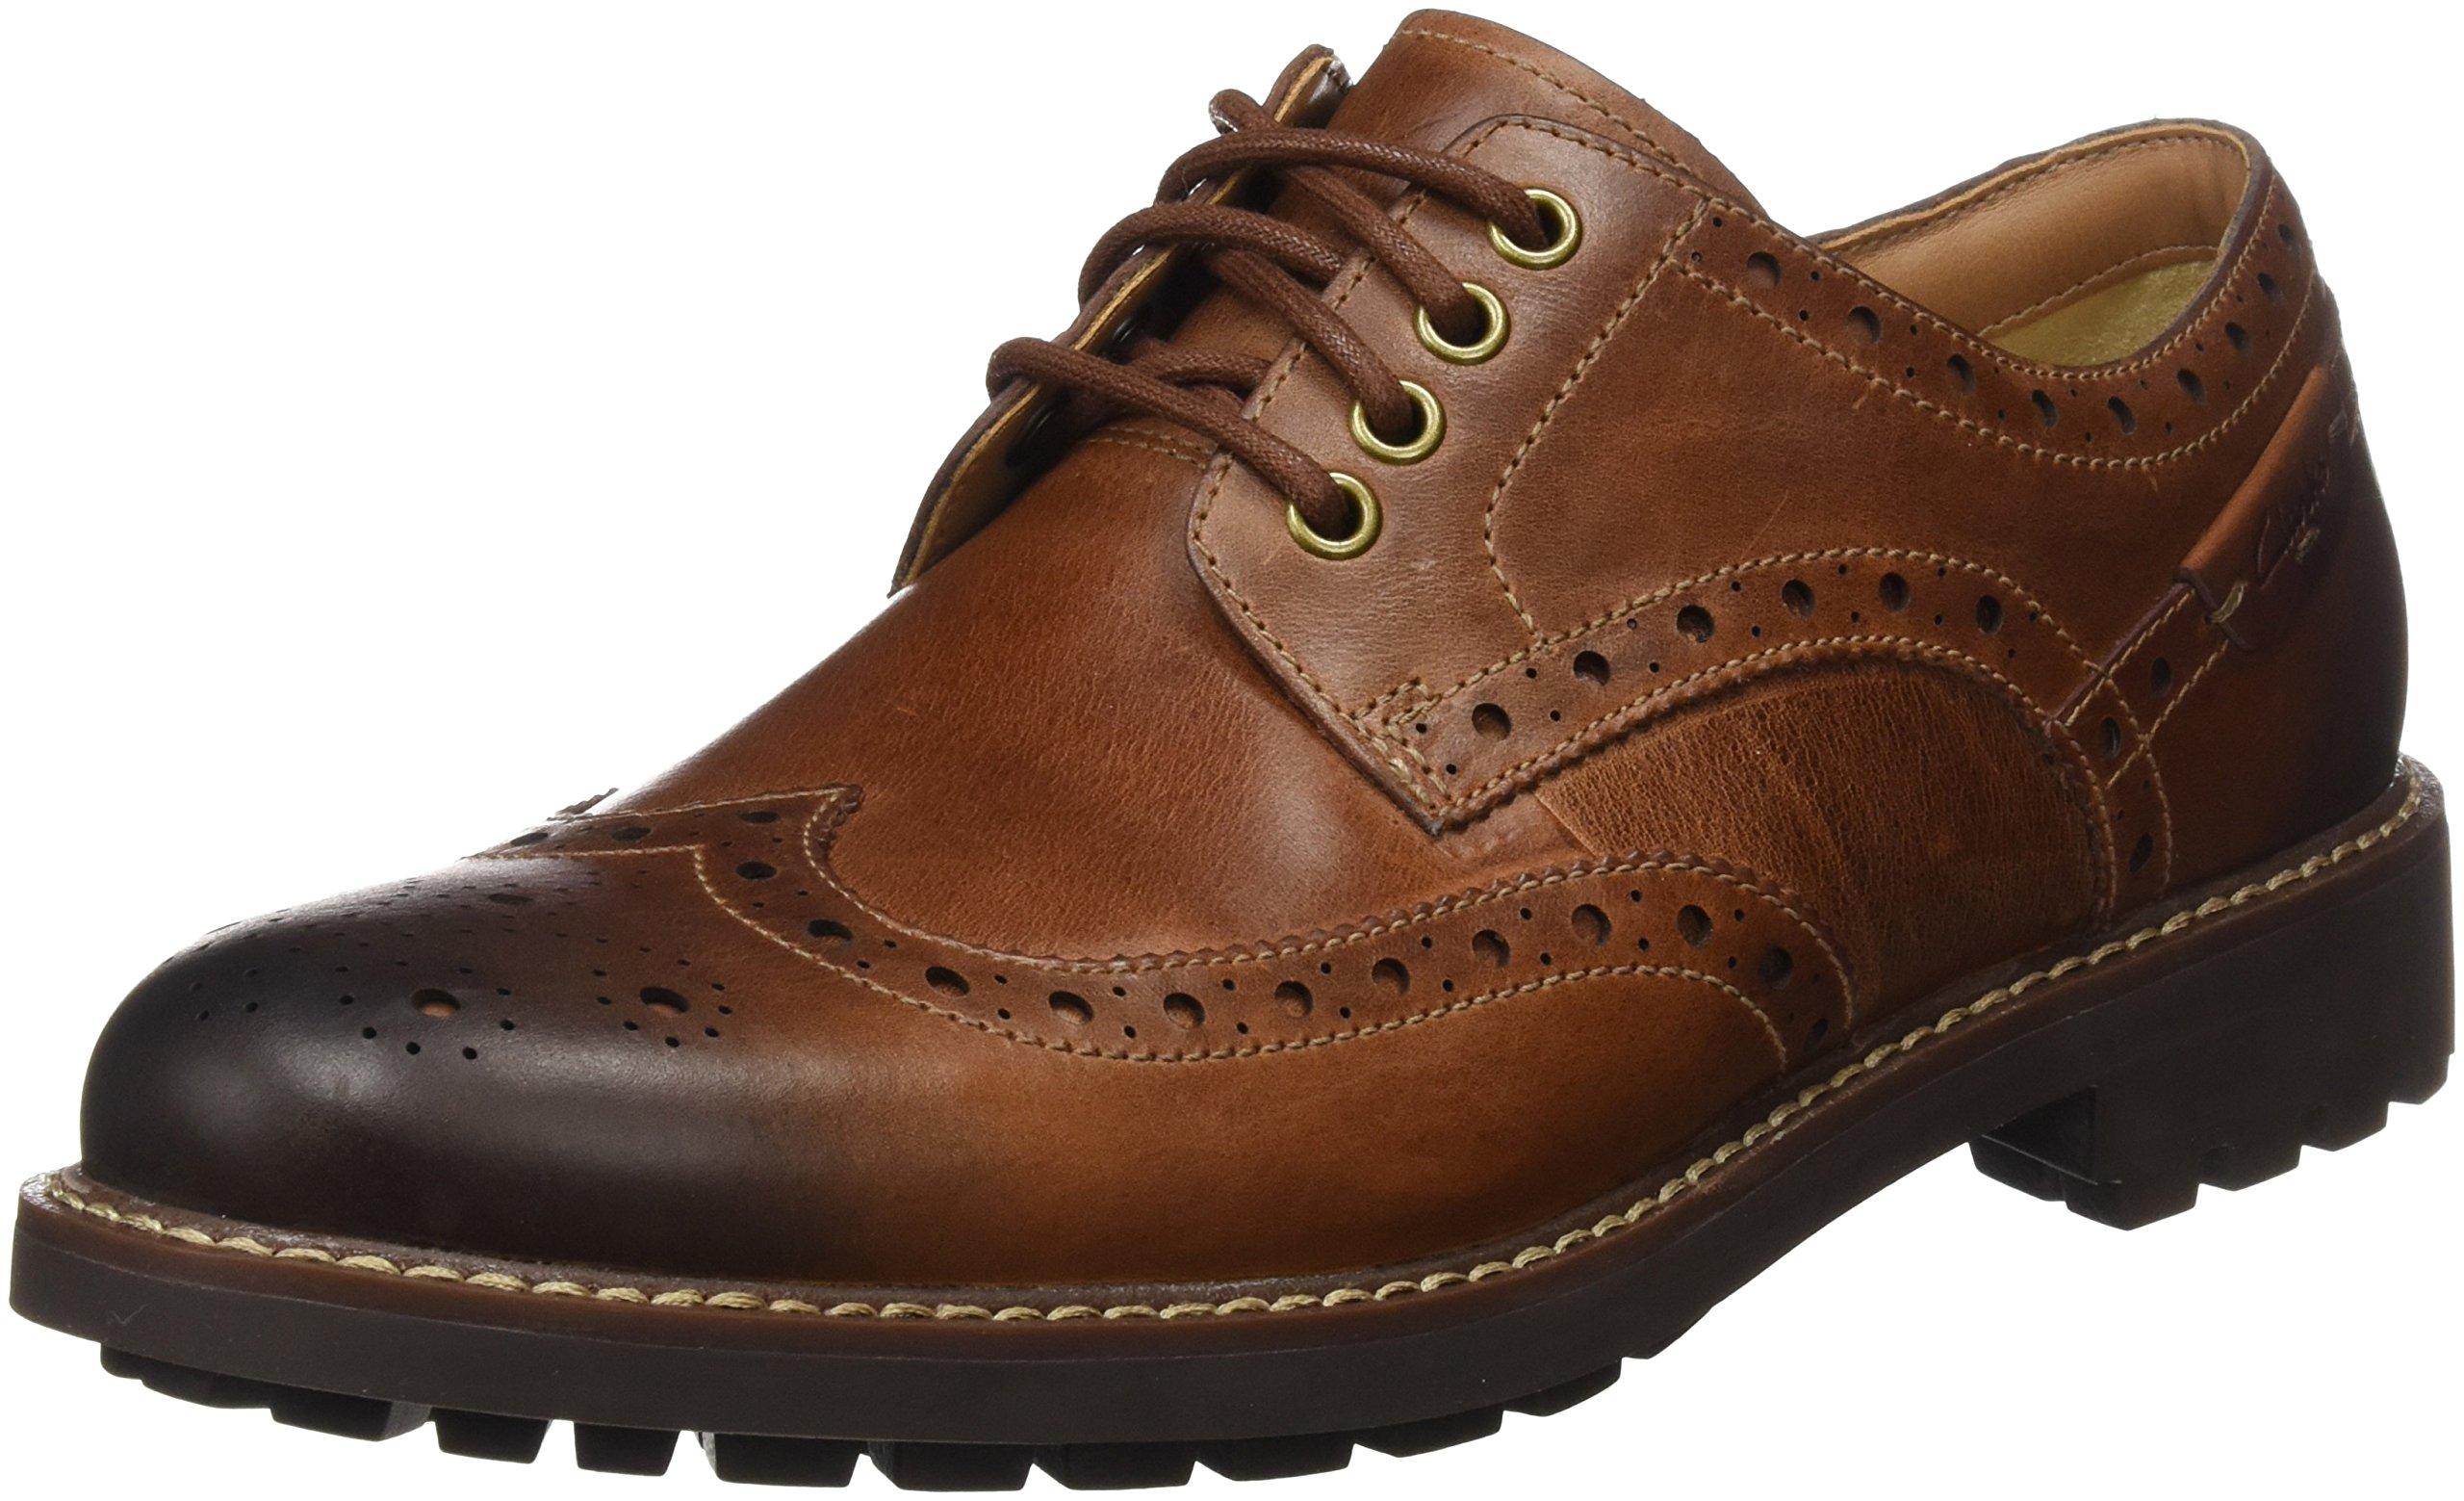 Clarks Montacute Wing 203517867 - Zapatos de Cordones de Cuero para Hombre product image